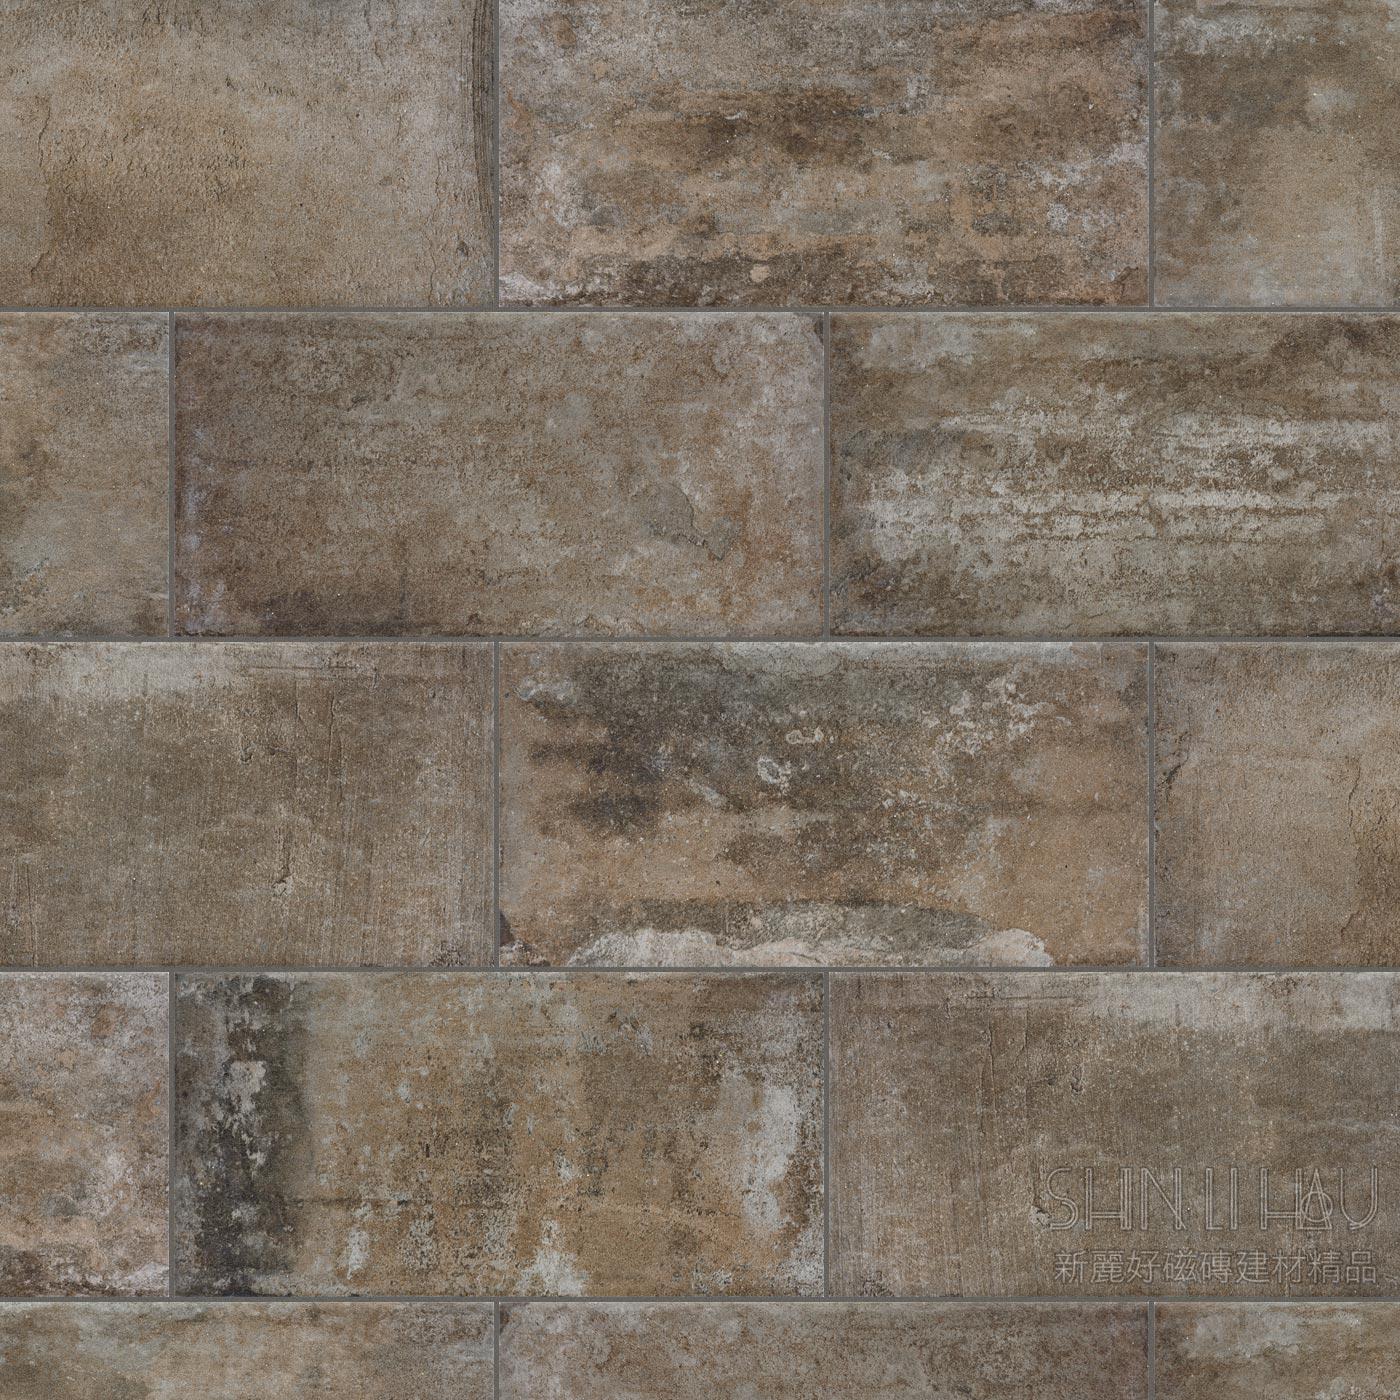 英伦情怀-工业风老砖,文化石,红砖,水泥砖,锈砖,古堡砖 - 迷迭黑